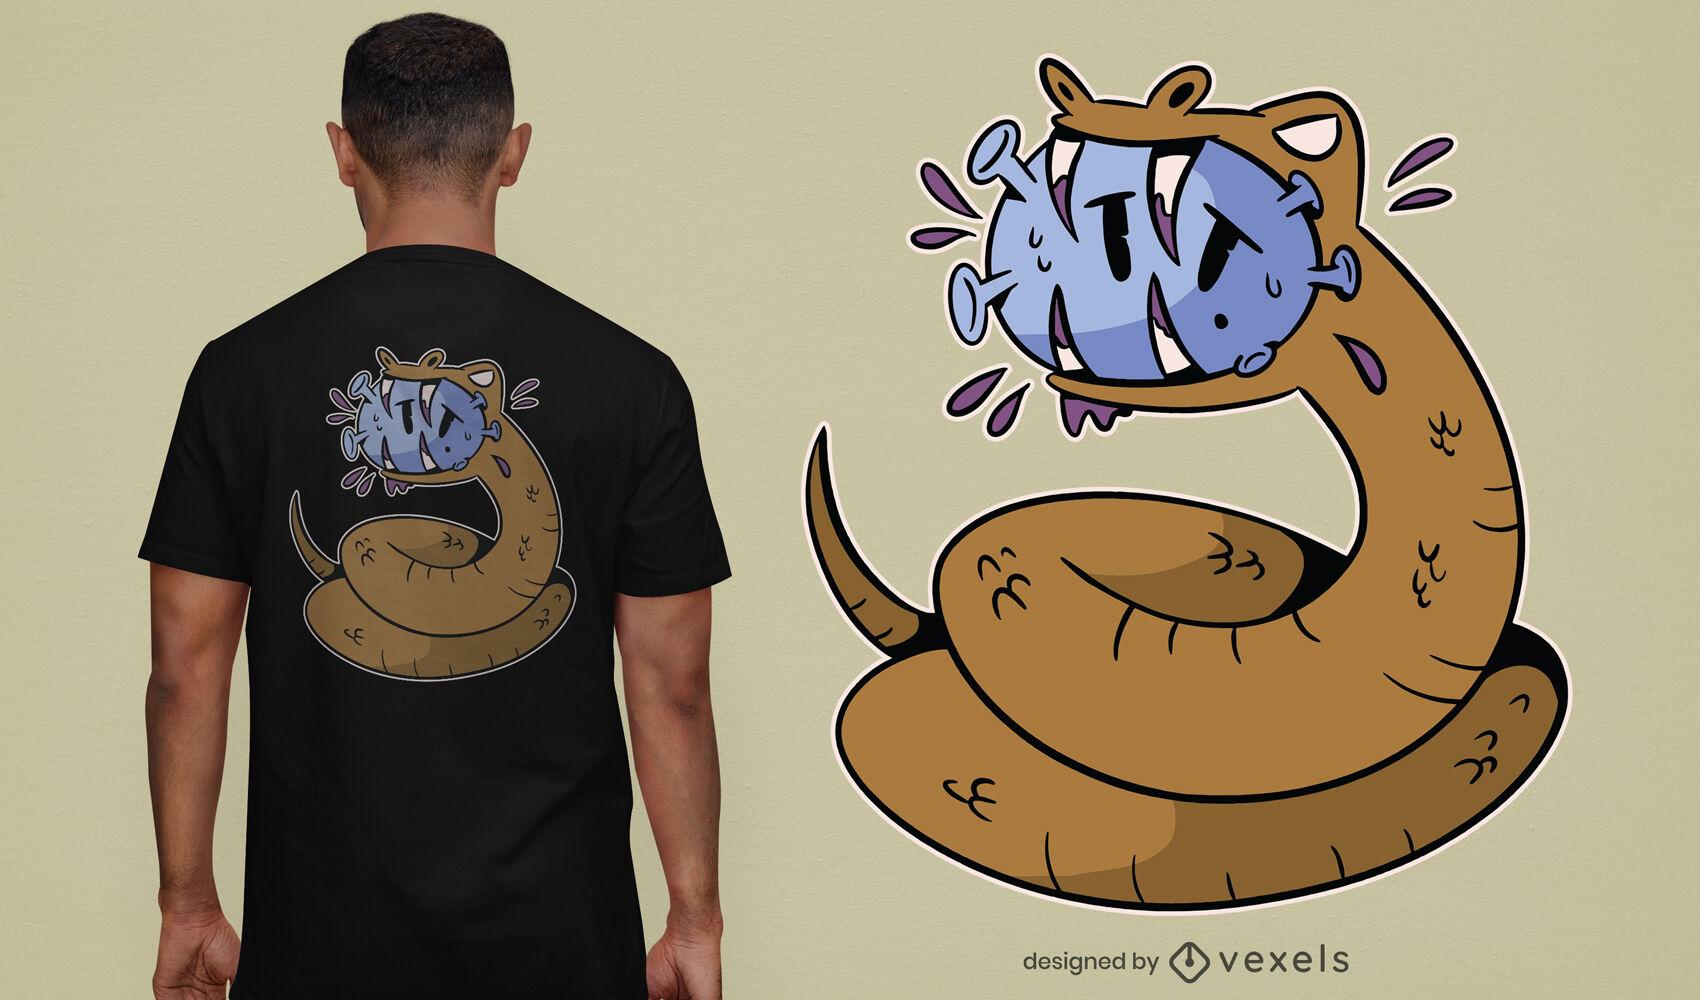 Cooles schlangenbeißendes Covid-T-Shirt-Design